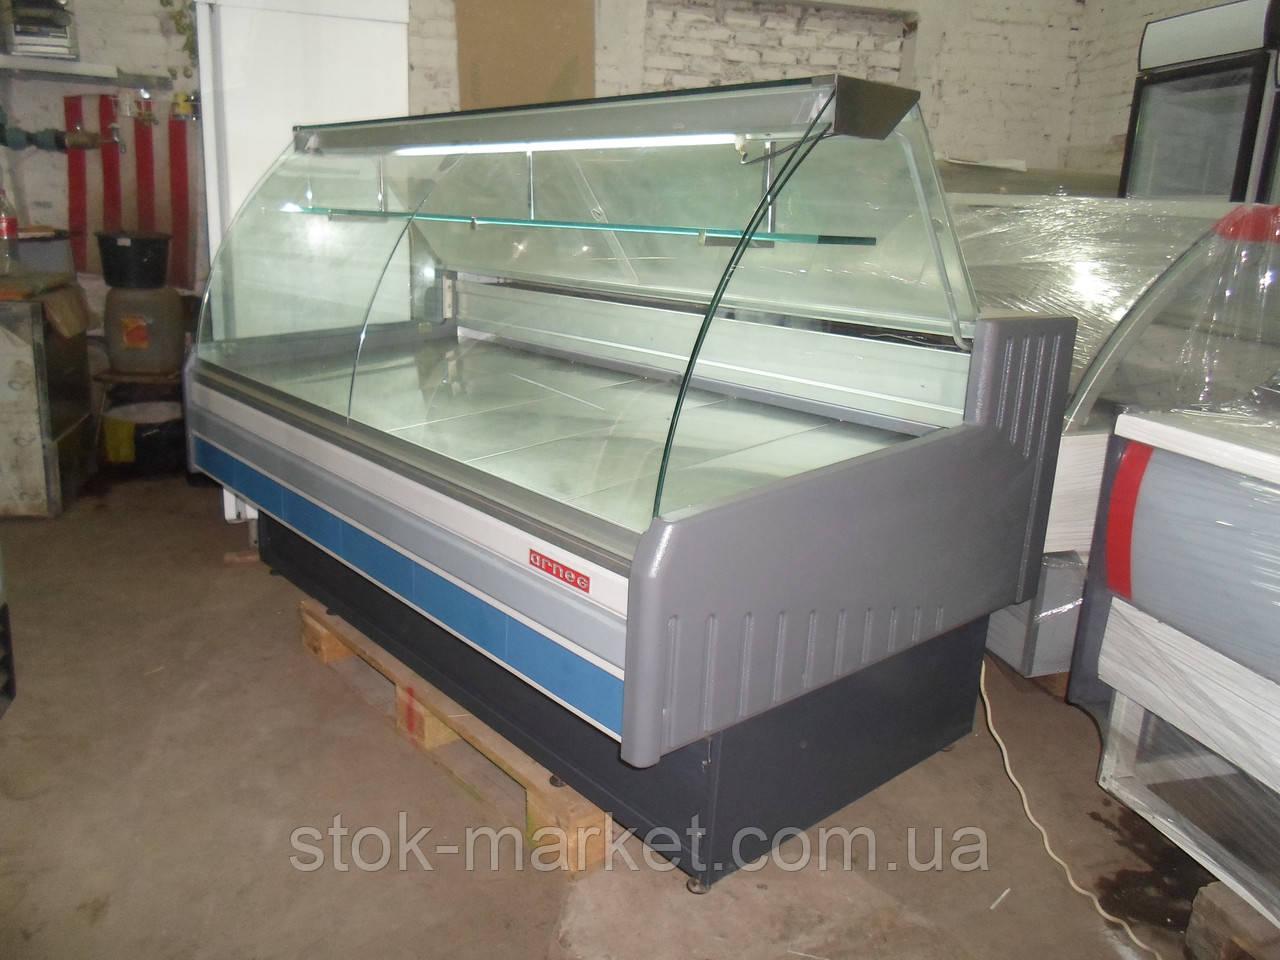 Холодильная витрина Arneg S Dallas 180 VC б/у, витрина холодильная б у, гастрономическая витрина б у, прилавок